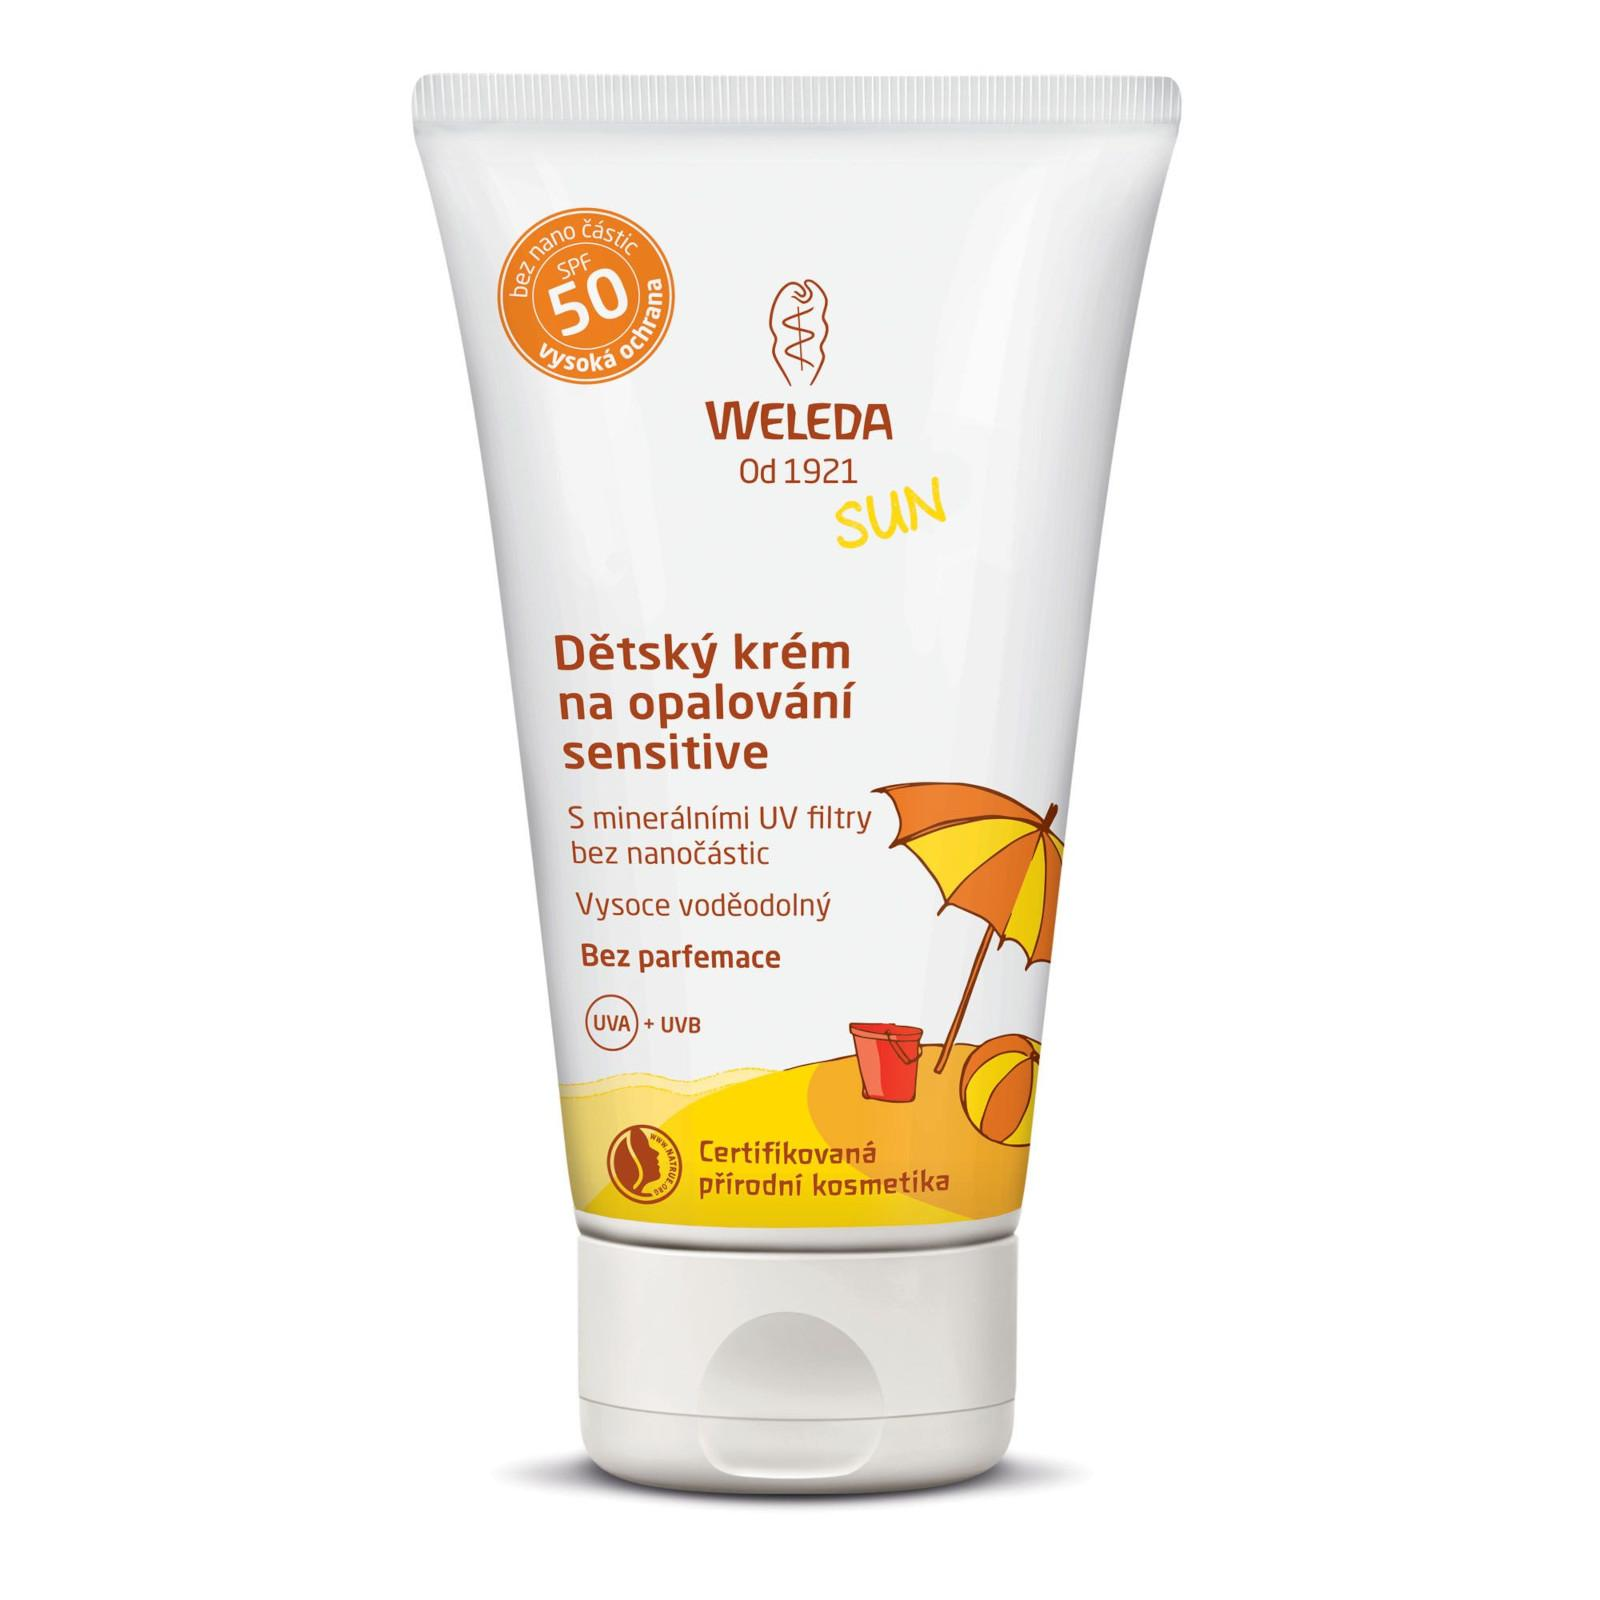 Weleda Sun Dětský krém na opalování SPF 50 sensitive 50 ml